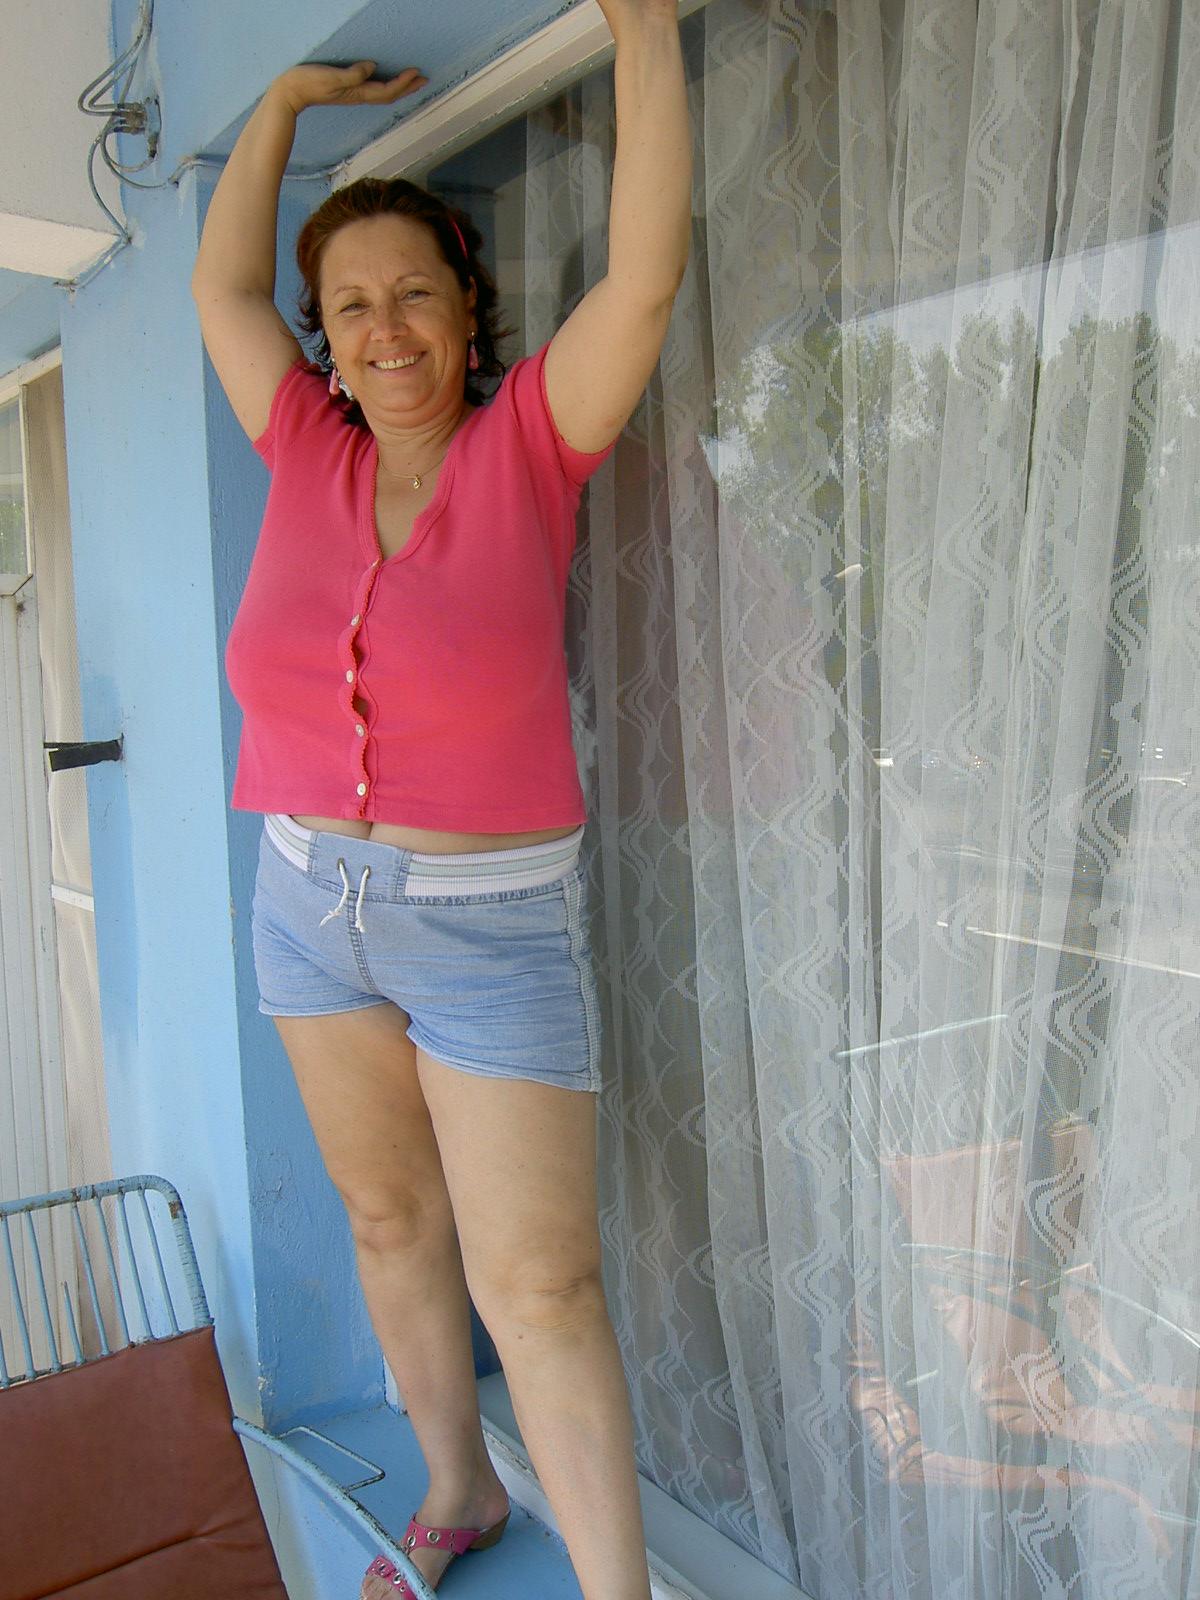 Backup Older Women Archive My Mature Fav-2389